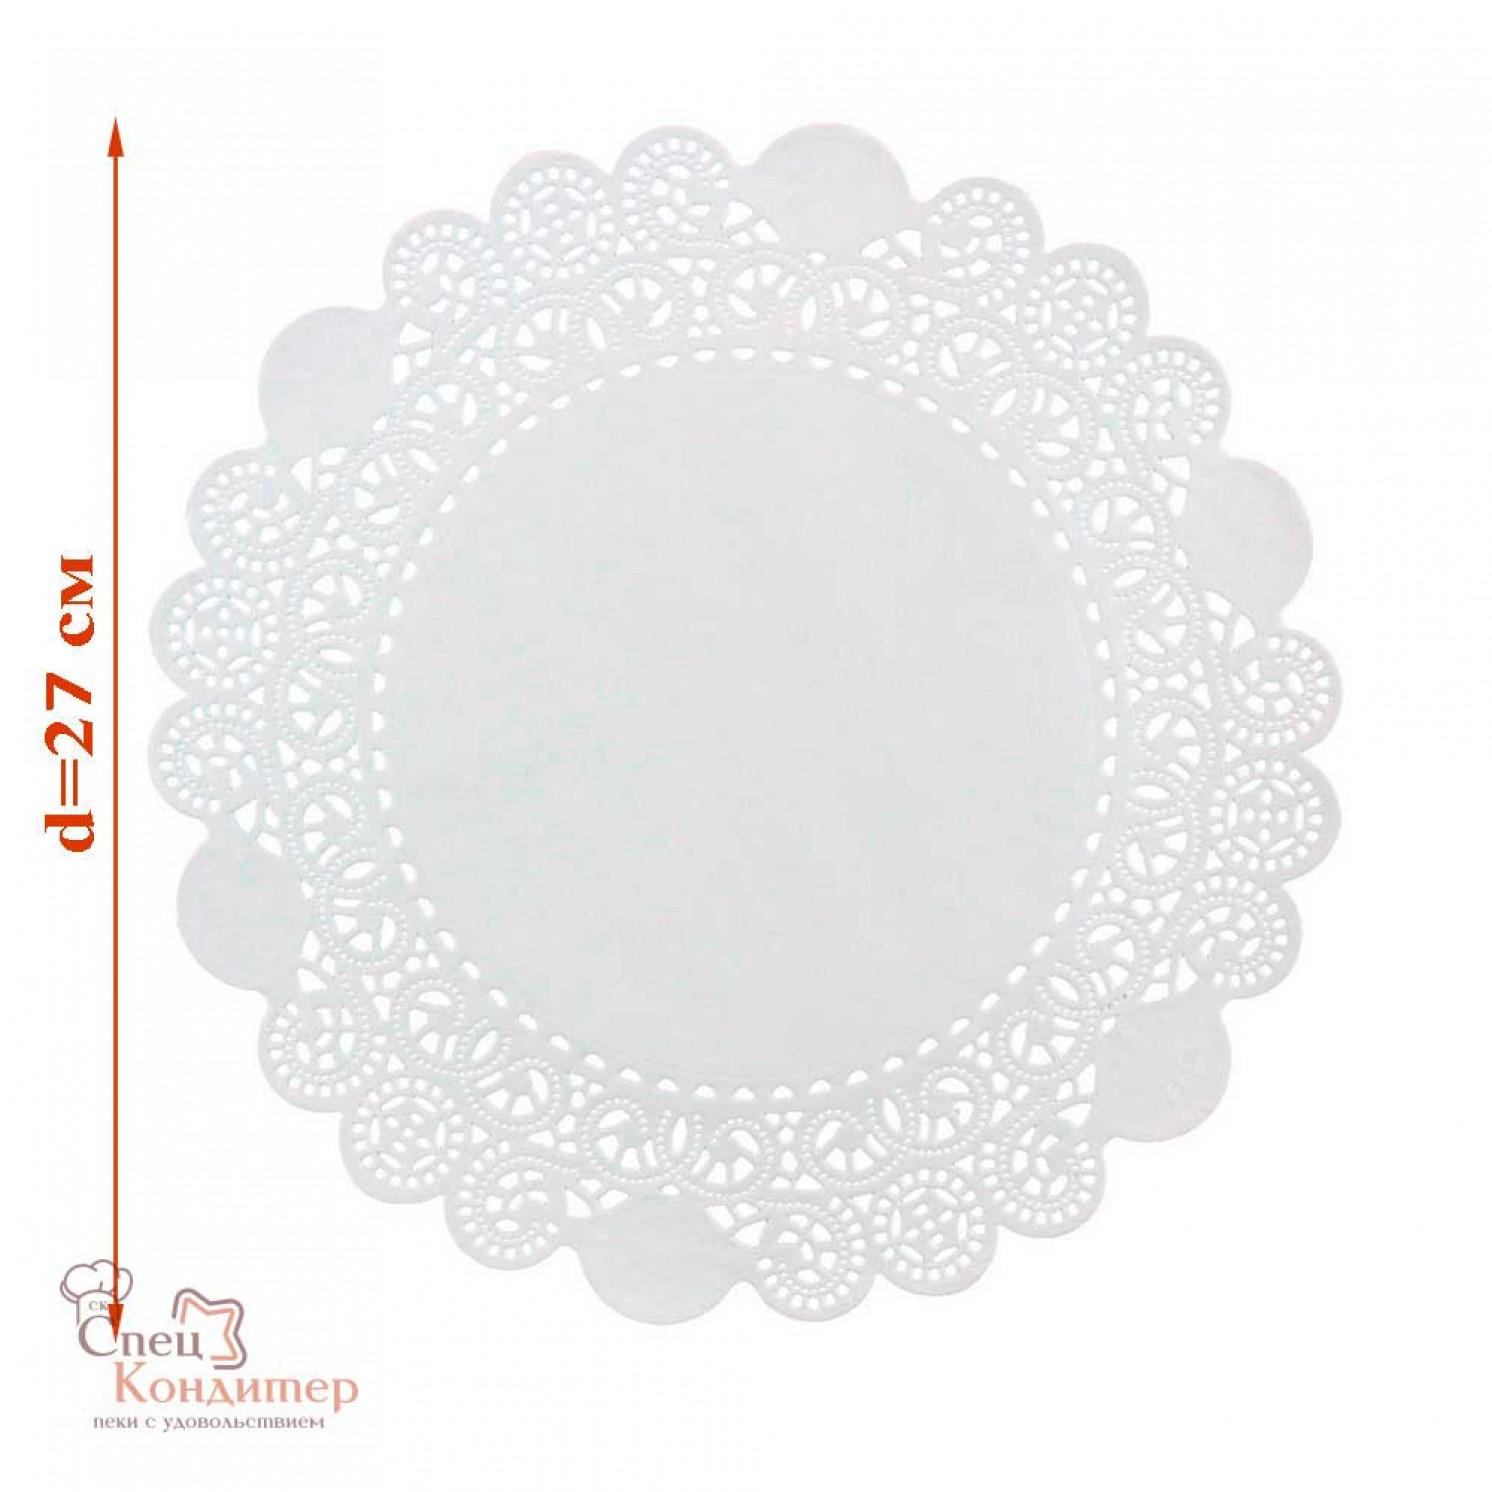 Ажурные салфетки для торта бумажные белые, d 27 см, 50 шт/уп.